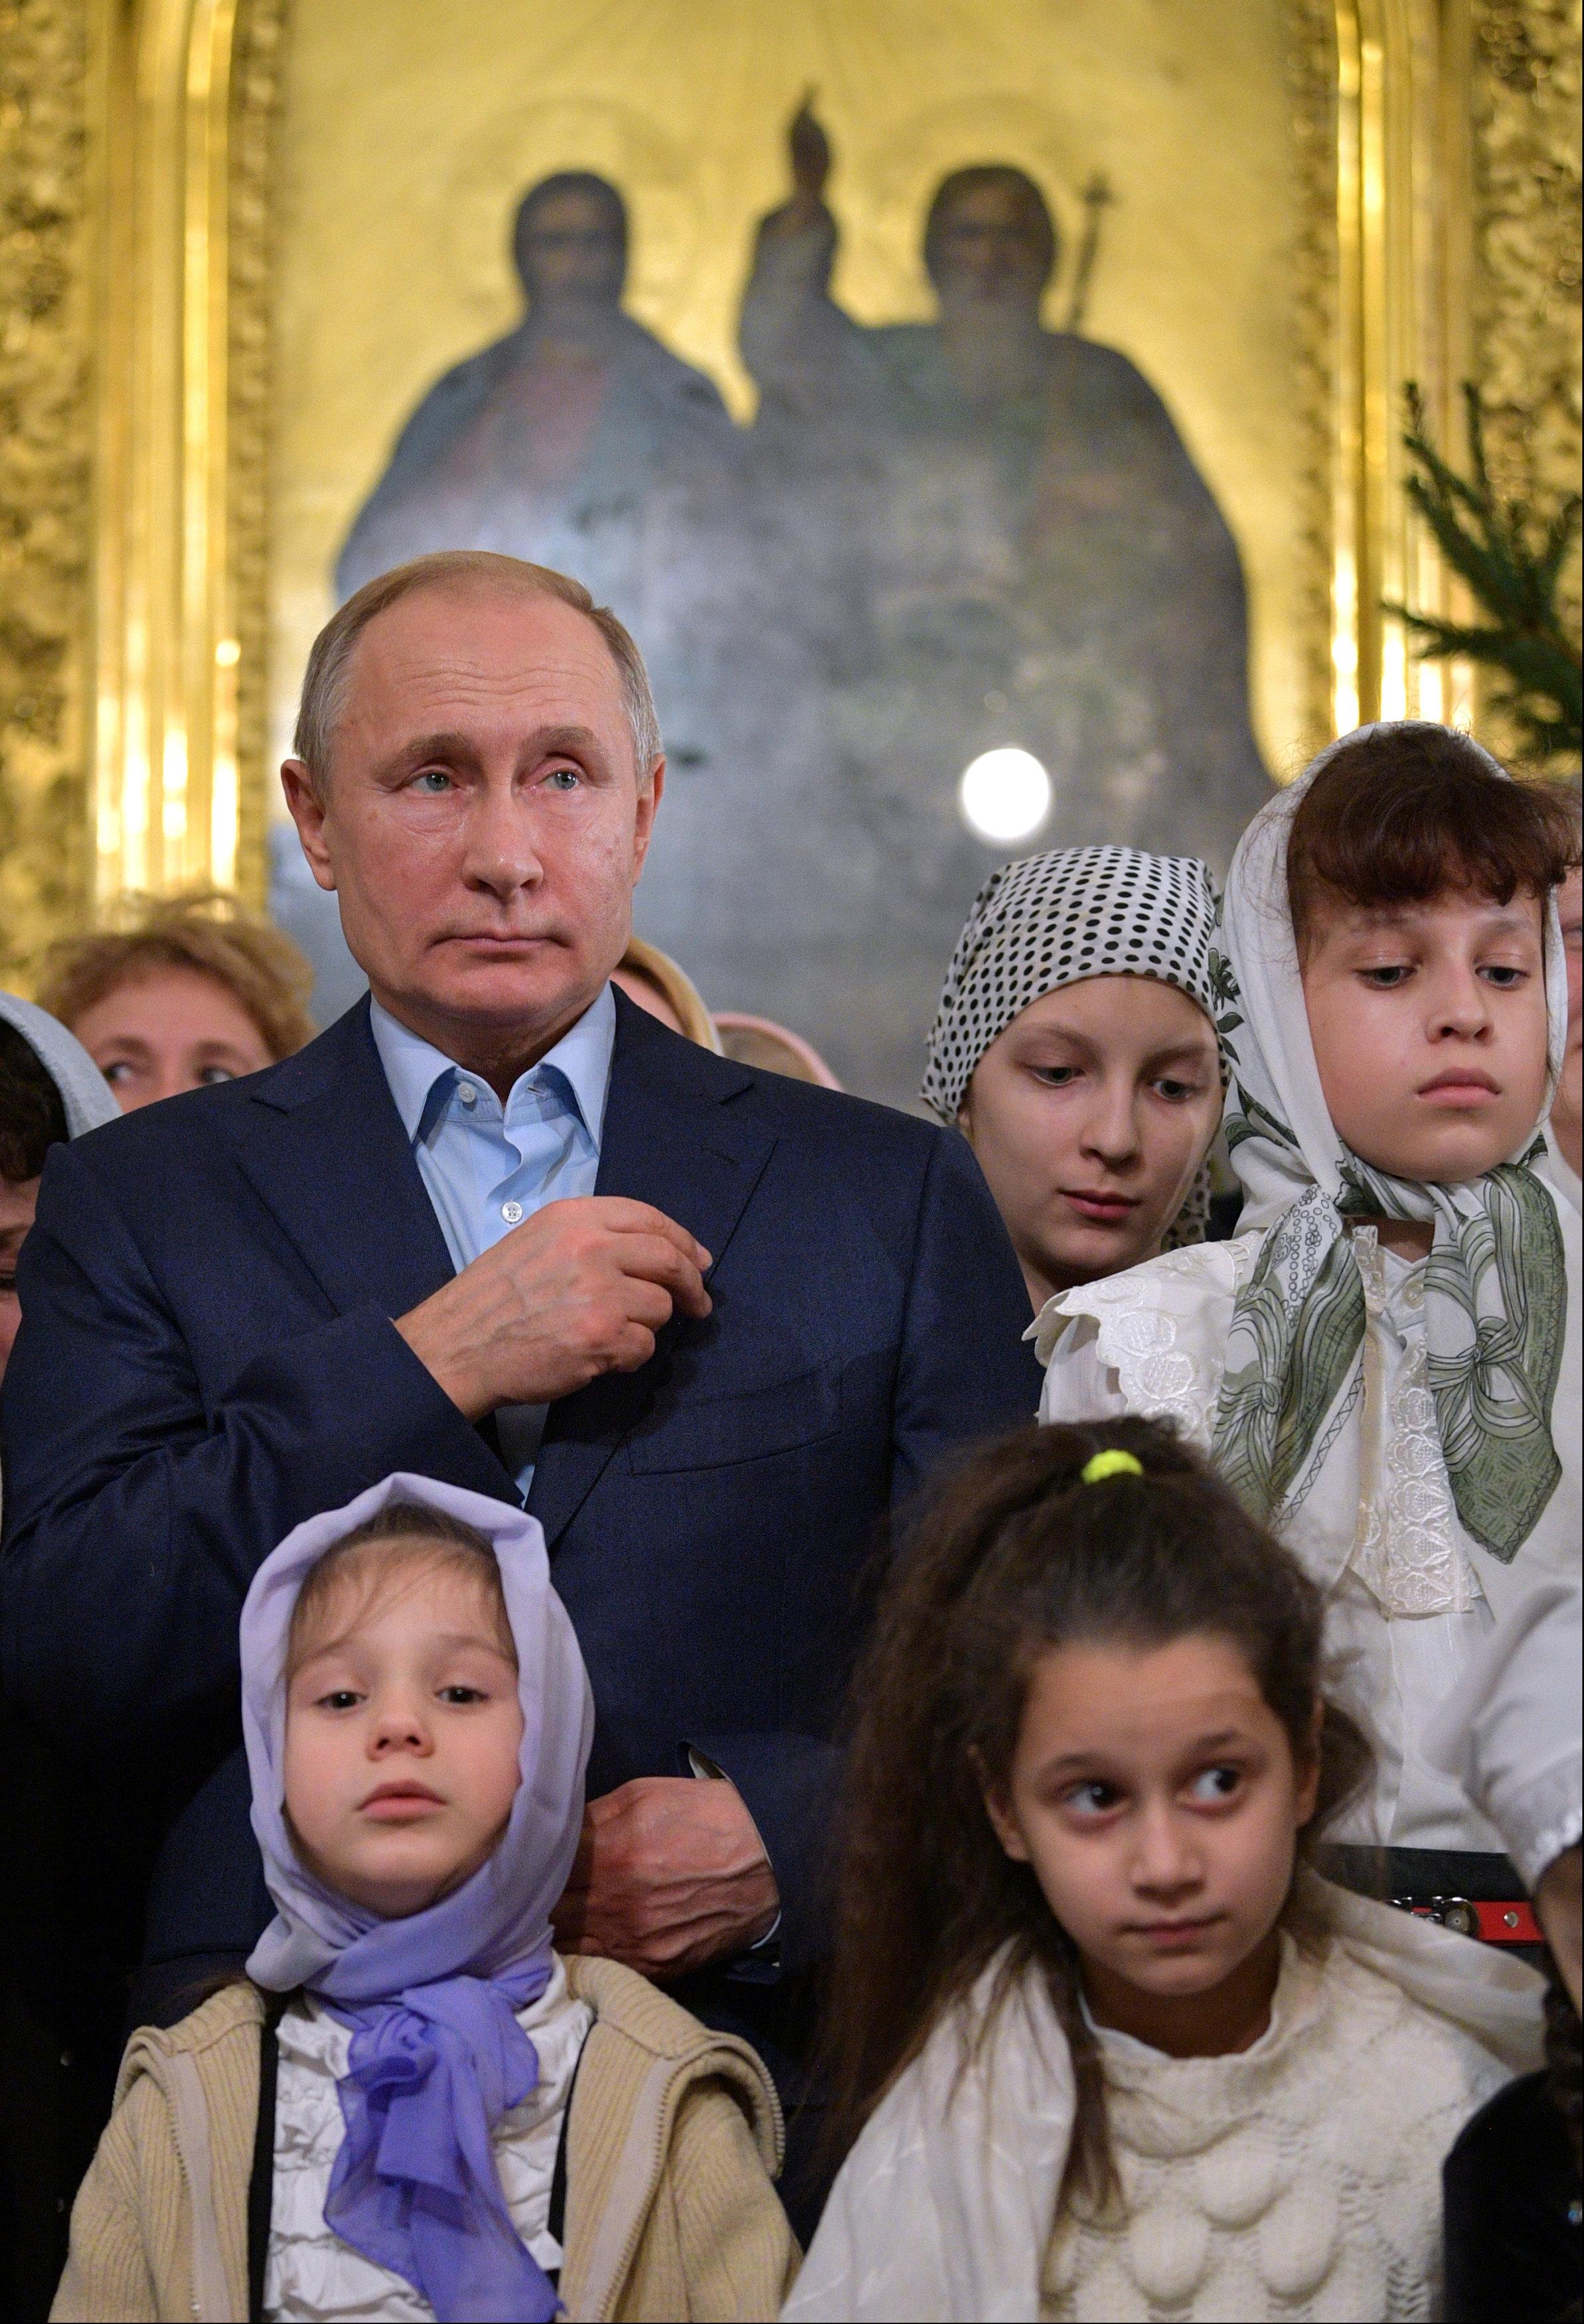 الرئيس بوتين يحضر قداس عيد الميلاد فى إحدى كنائس (6)